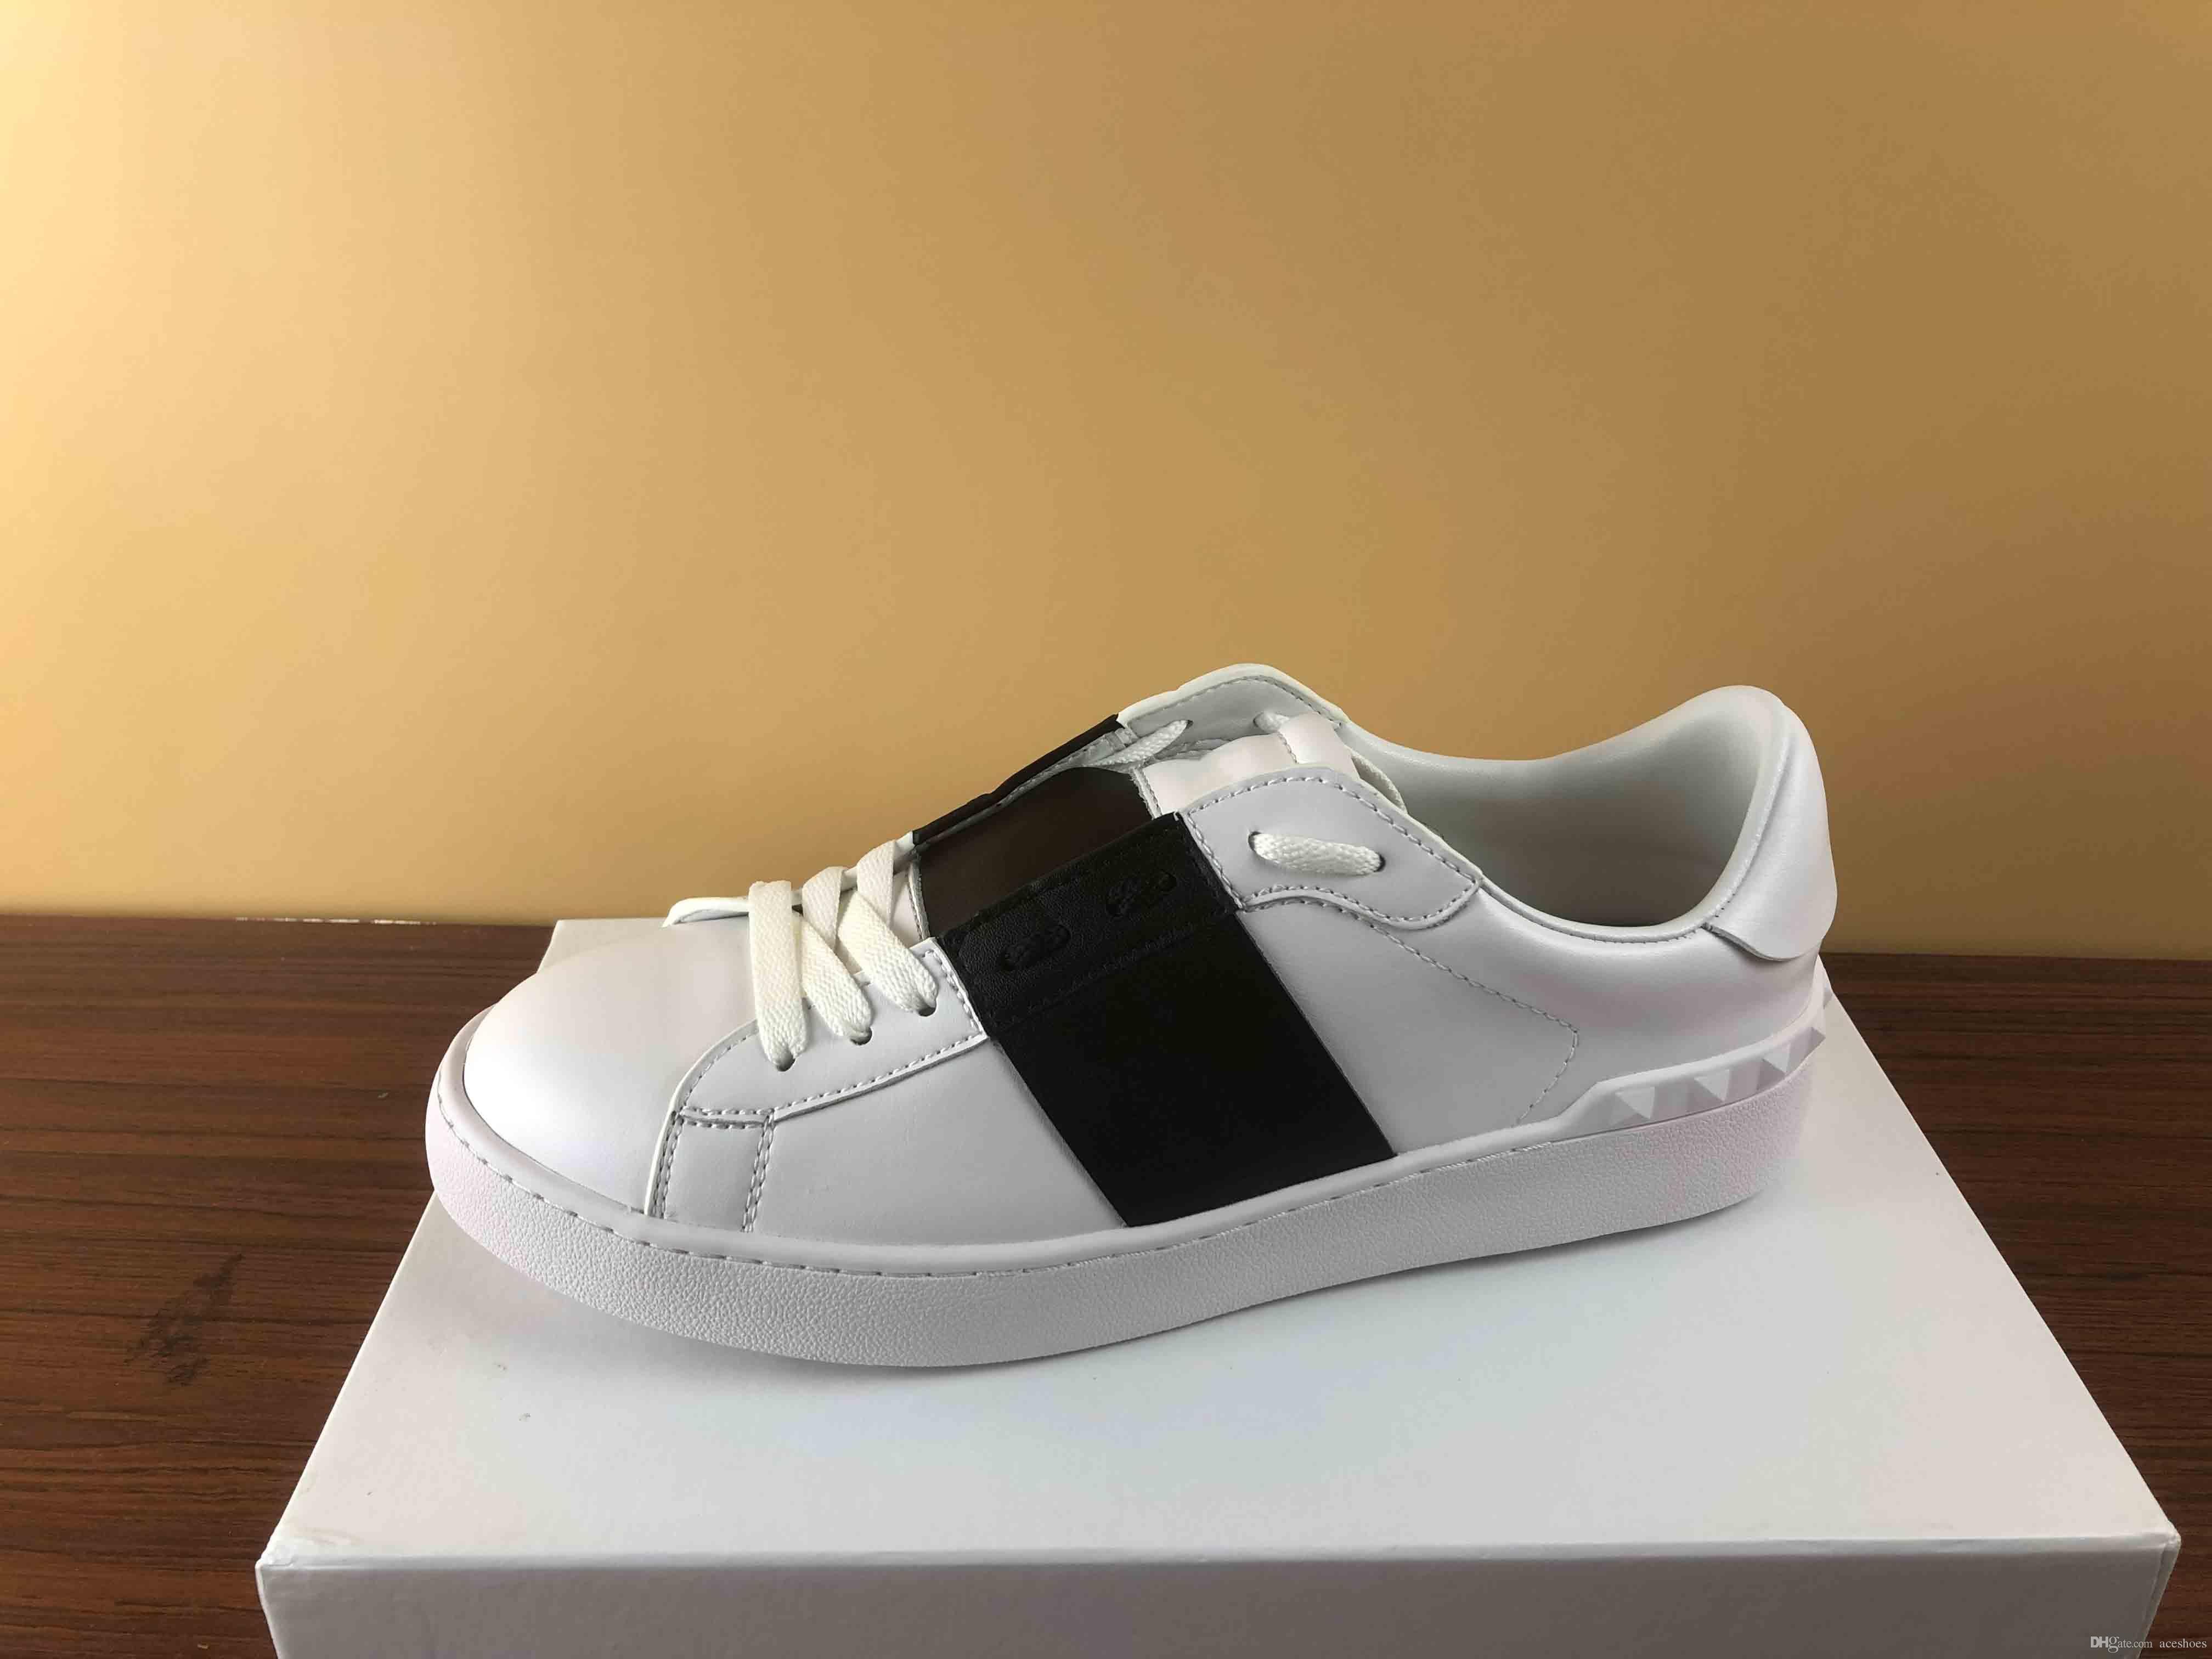 Qualité Des Décontractées Chaussures Mode Luxe Supérieure Pas Avec Hommes Femmes Sneakers Ouvertes Designer De Cher hrdQsCt